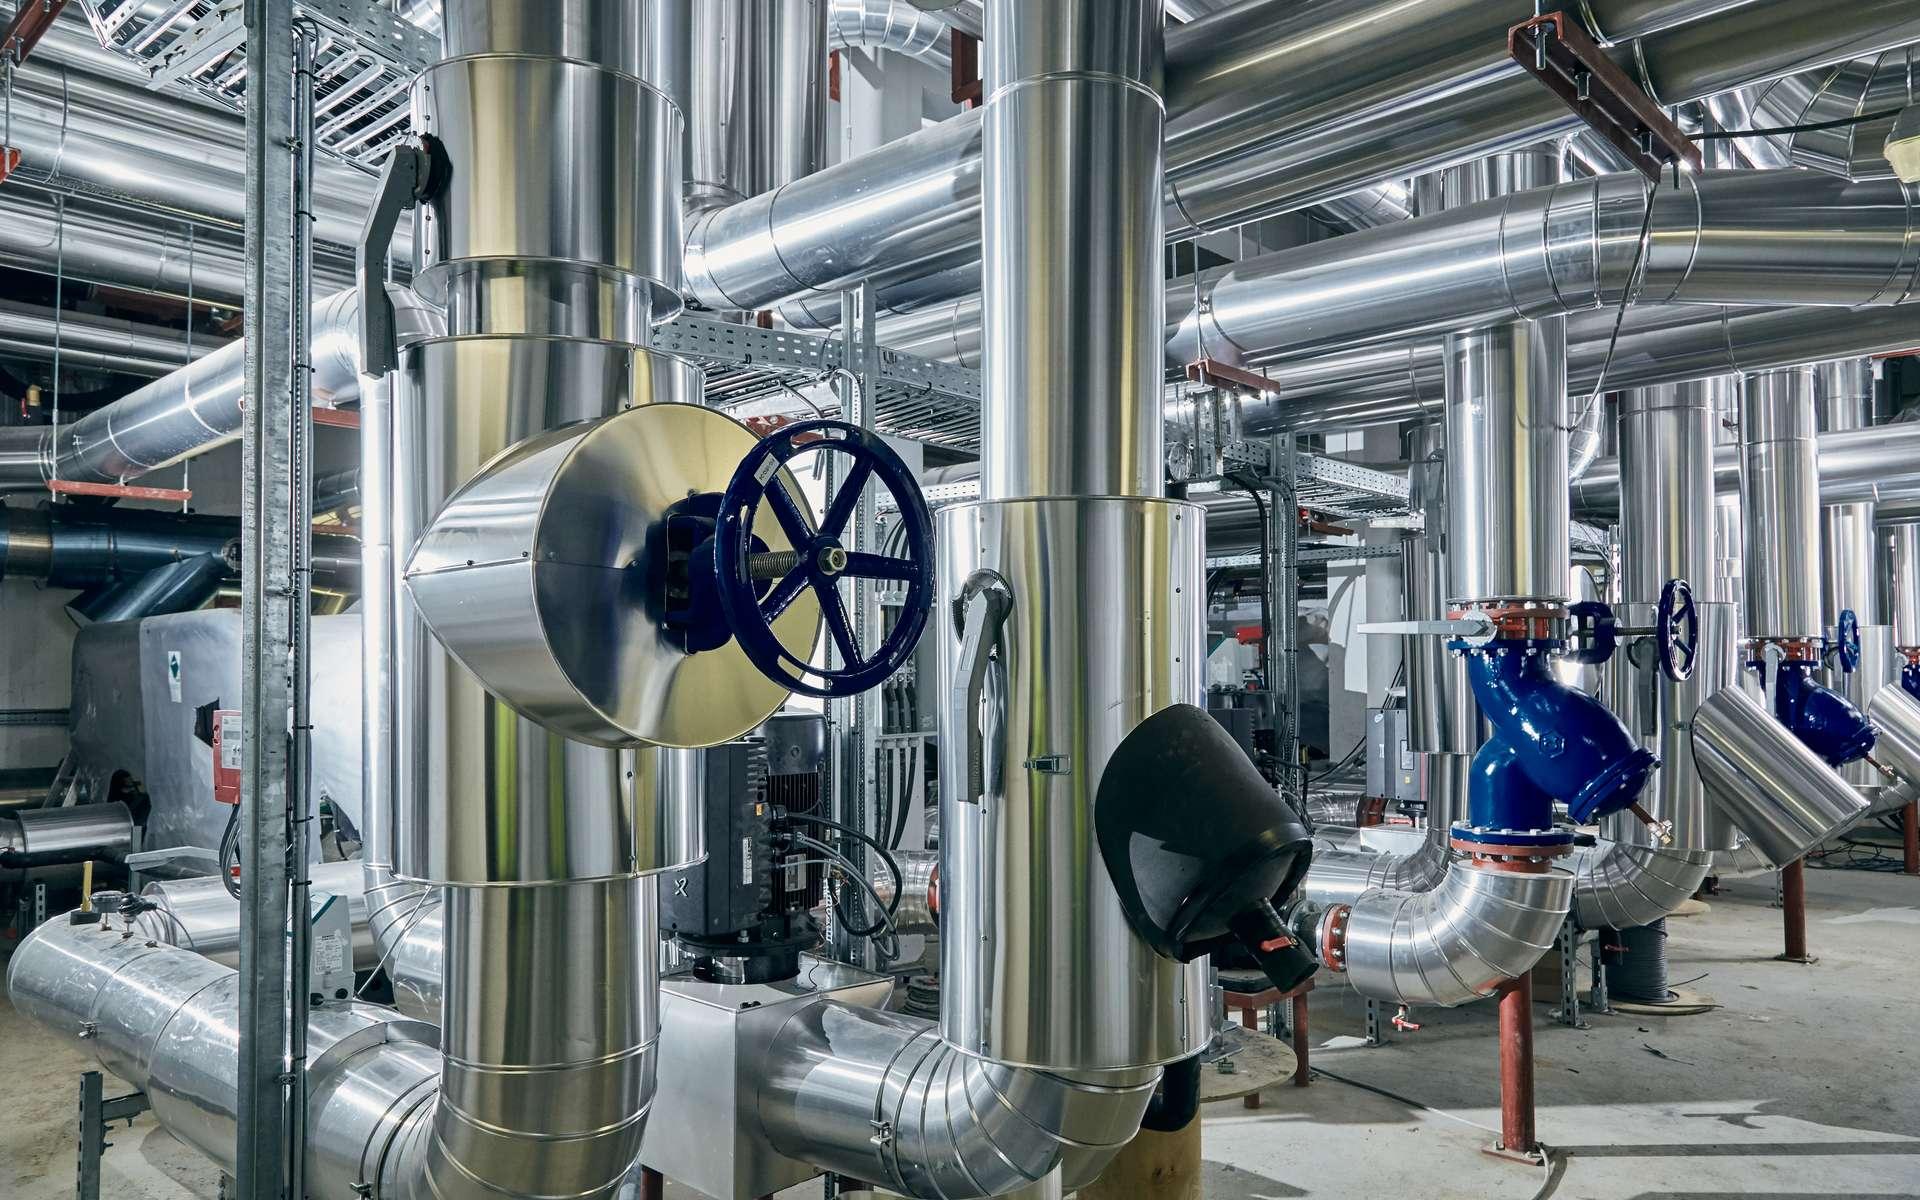 Dans le réseau Massiléo, de l'eau de mer échange sa chaleur avec un circuit d'eau douce. Grâce à des pompes à chaleur réversibles, il pourra chauffer ou rafraîchir des bâtiments. © EDF, Dalkia Smart Building, Artkom